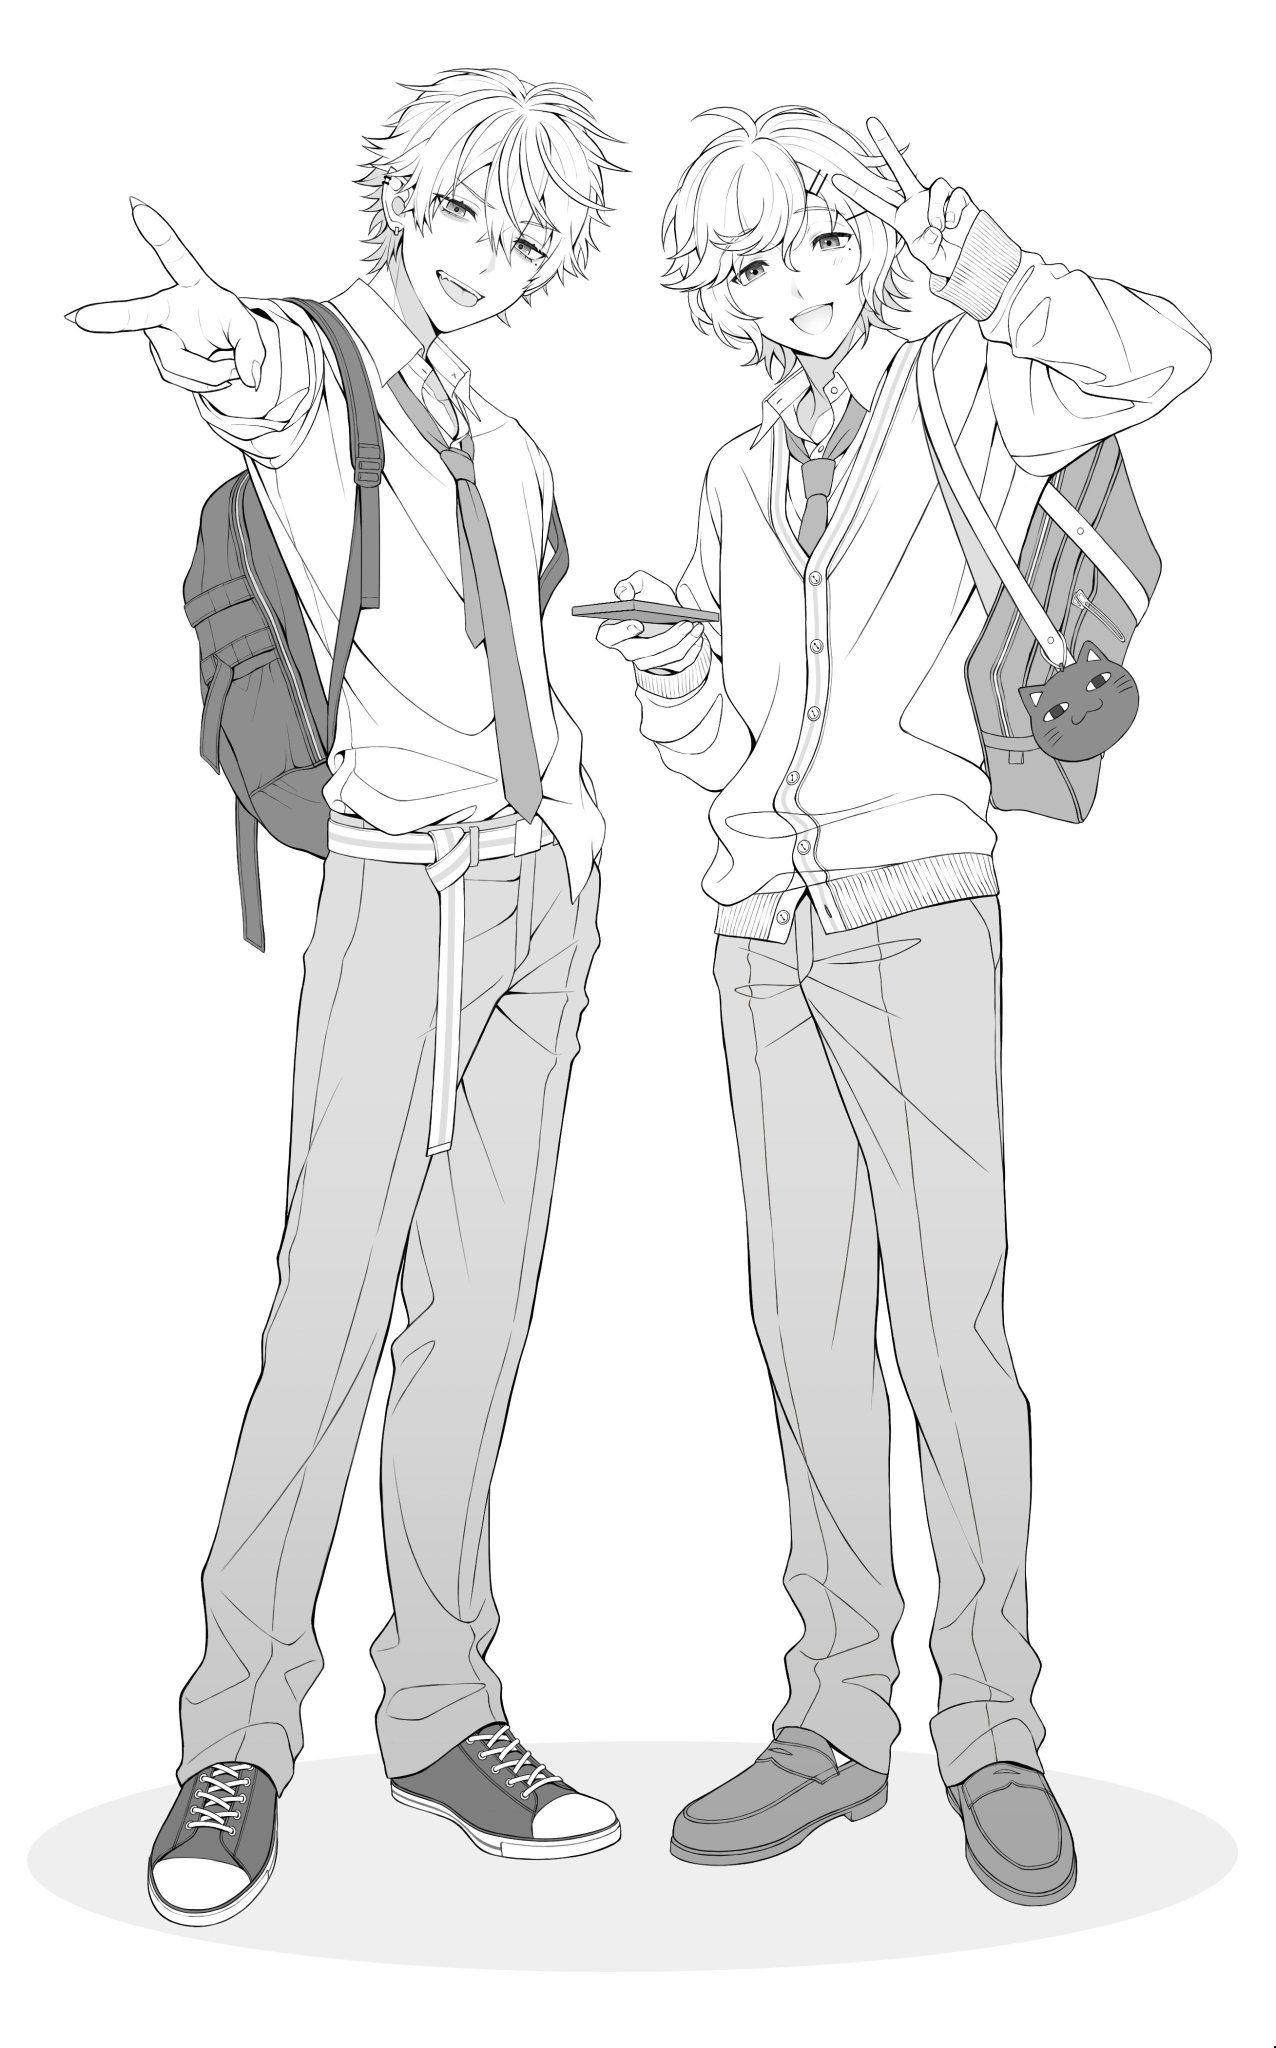 にぐち On Twitter Anime Poses Reference Anime Boy Sketch Anime Drawings Tutorials Group pose sketch coloring etc drawing poses drawing. anime poses reference anime boy sketch